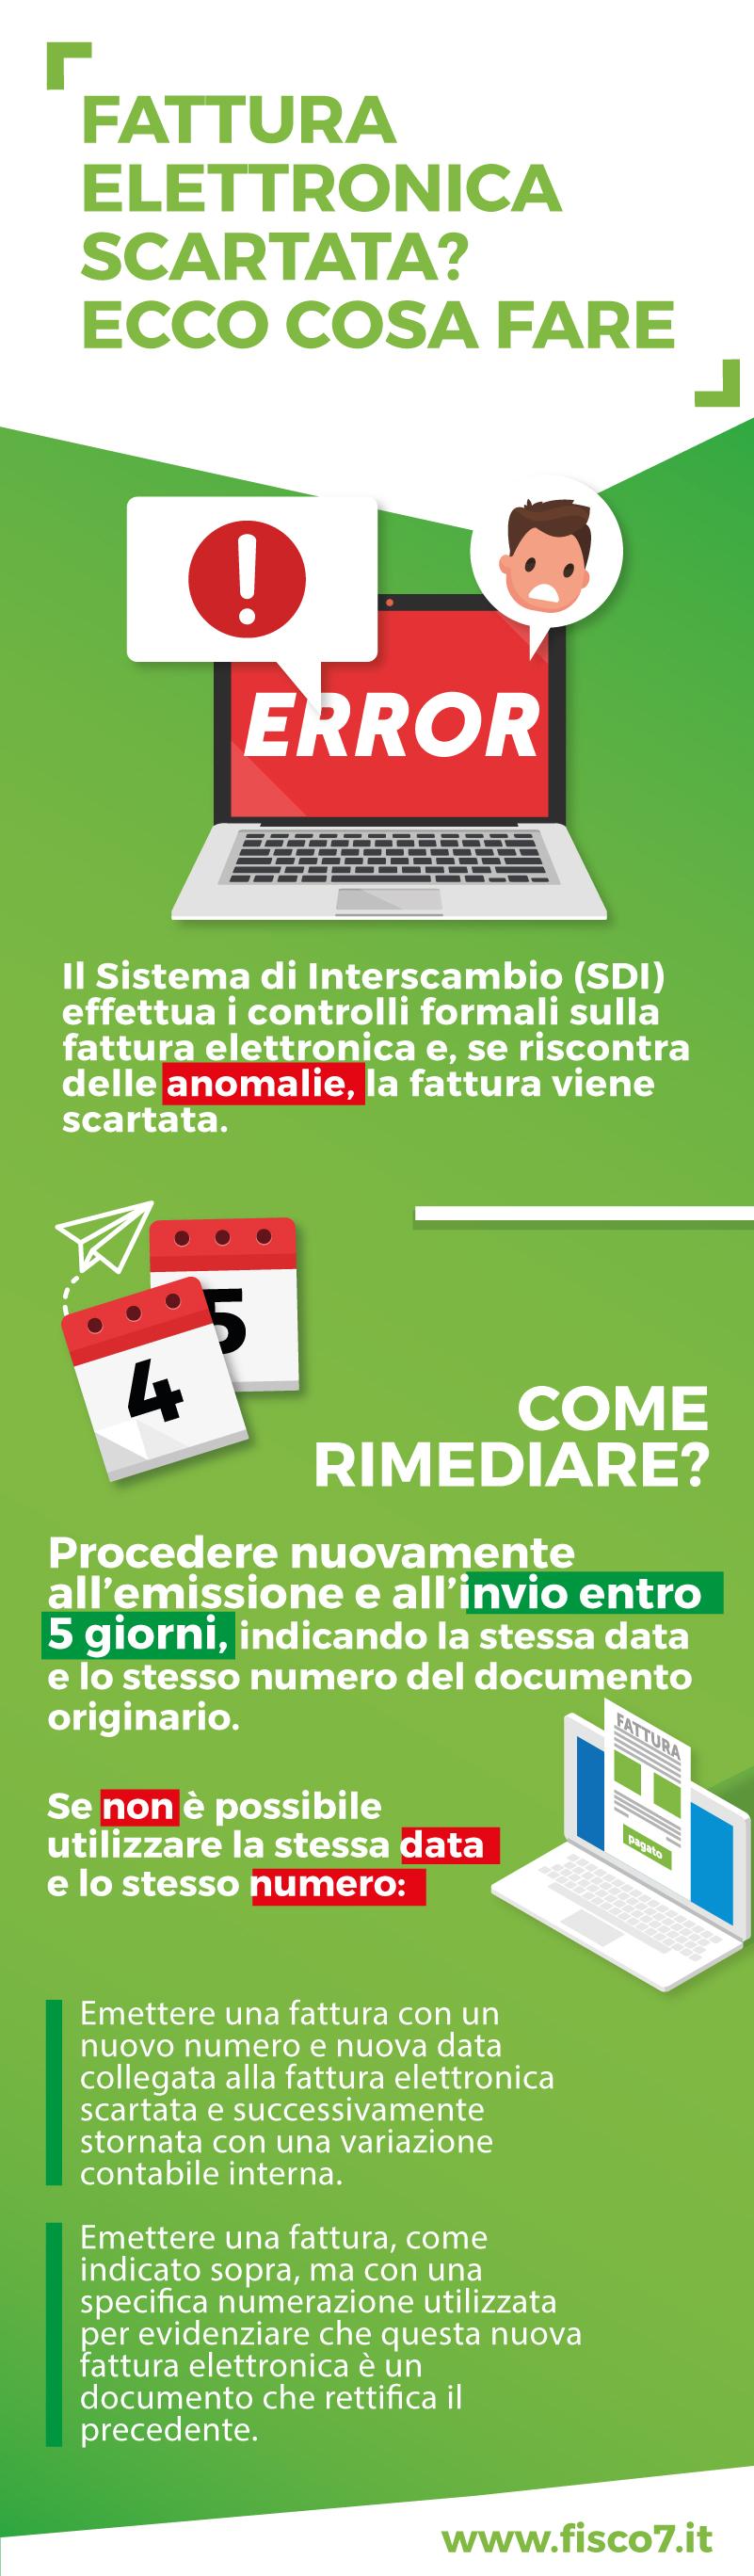 infografica_fattturazione_eletttronica_scartata